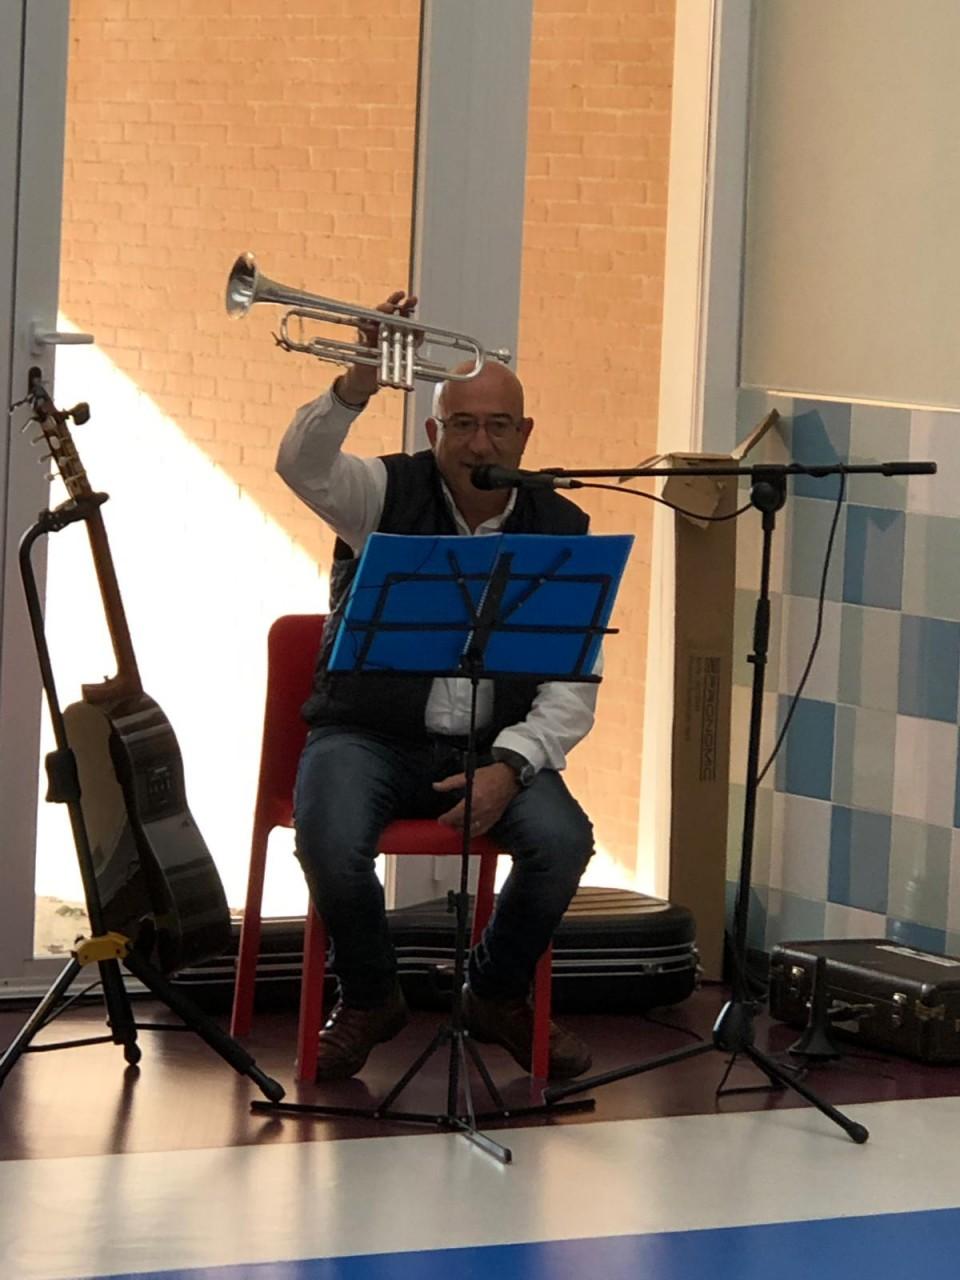 Día de la Música - 22 de Noviembre - Santa Cecilia